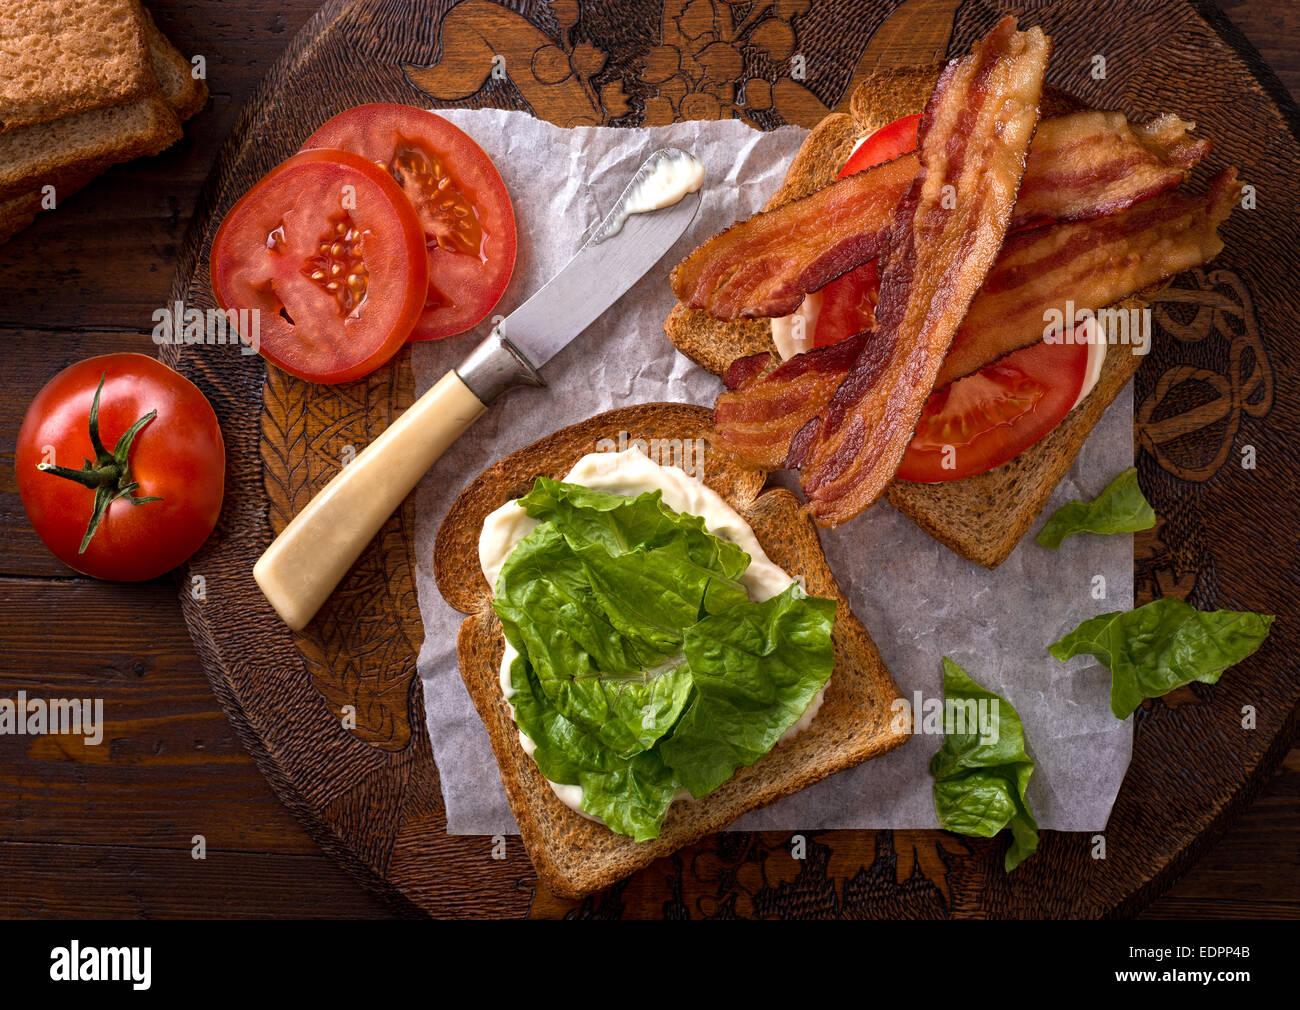 Una deliziosa BLT bacon, lattuga e pomodoro panino rustico del piano portapaziente. Immagini Stock